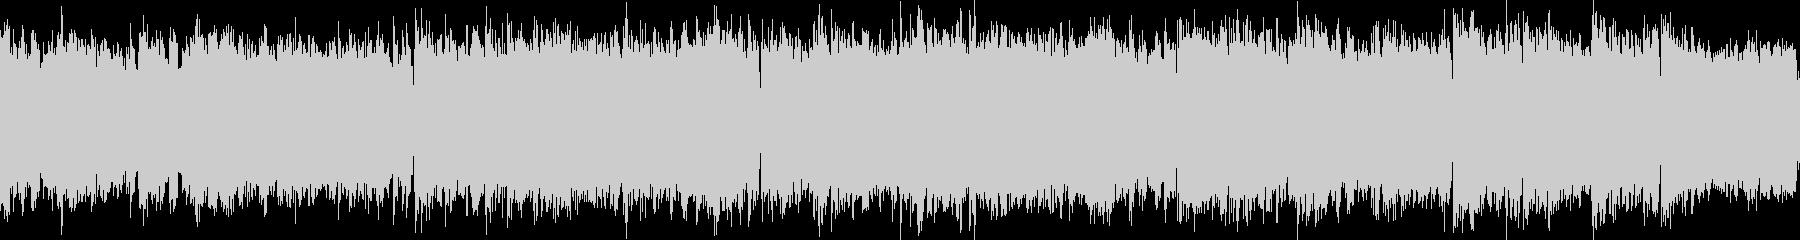 深海をイメージした神秘的な曲(ループ可)の未再生の波形